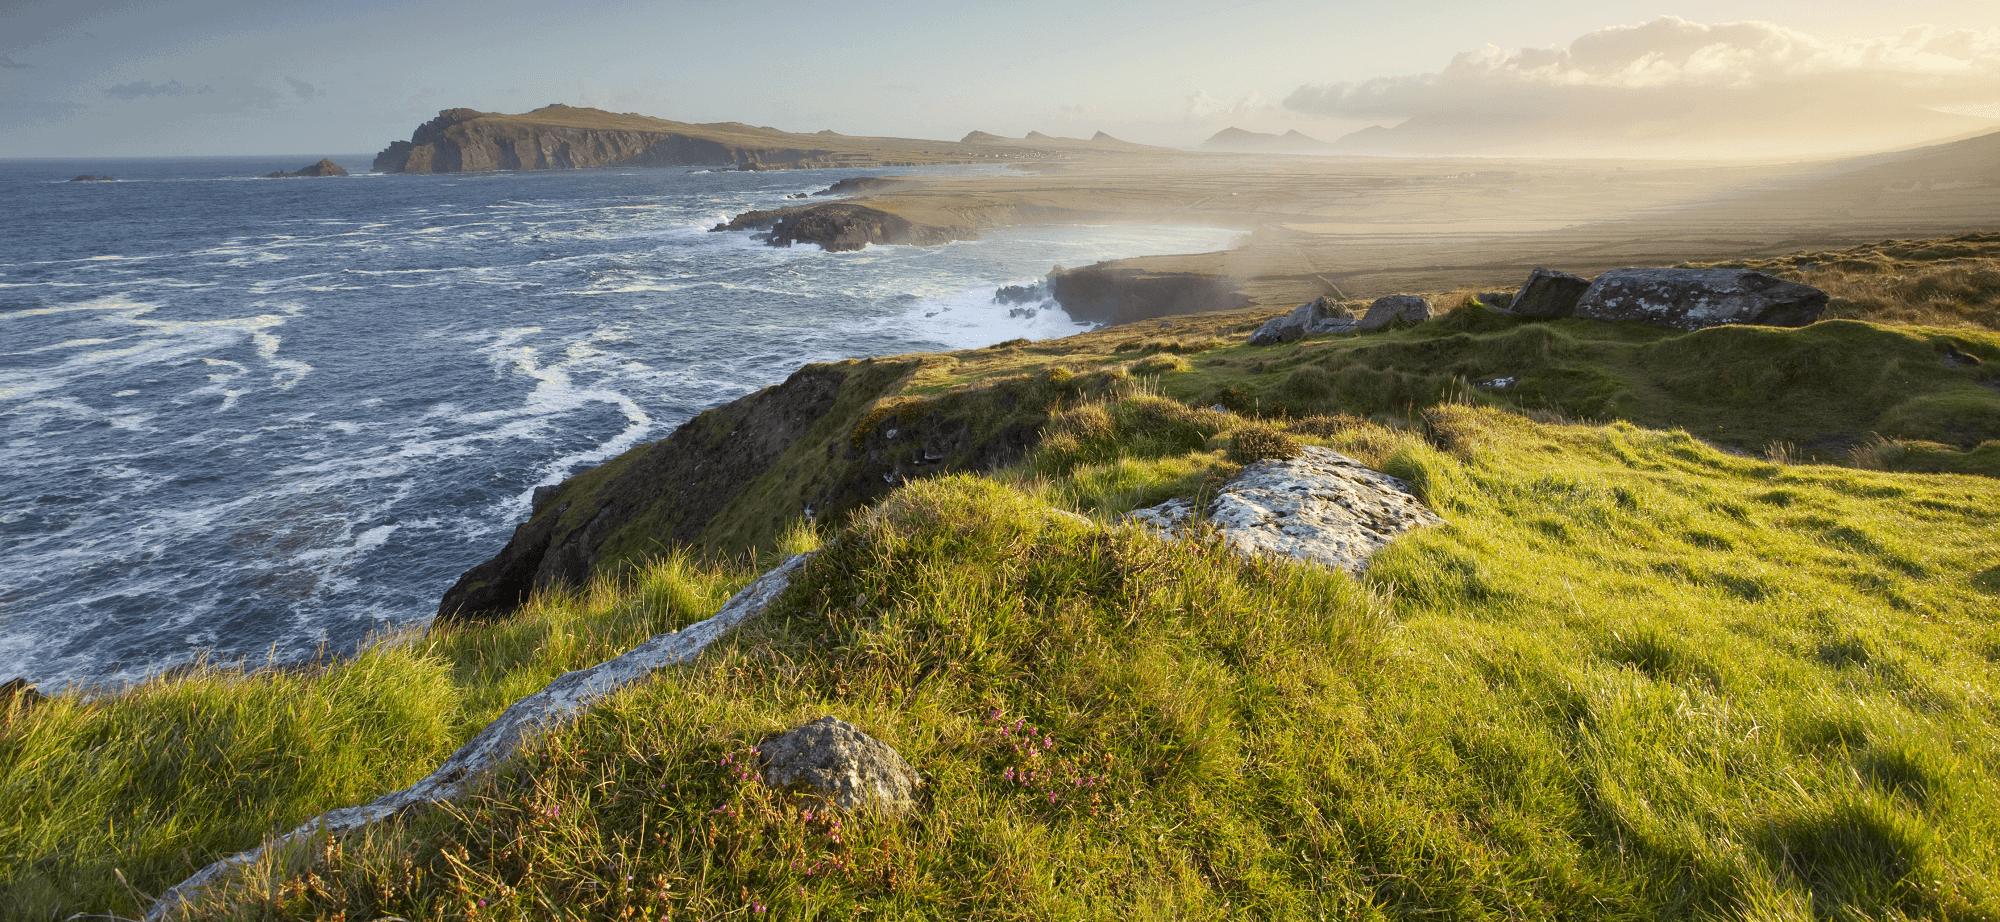 Kerry Way Coast